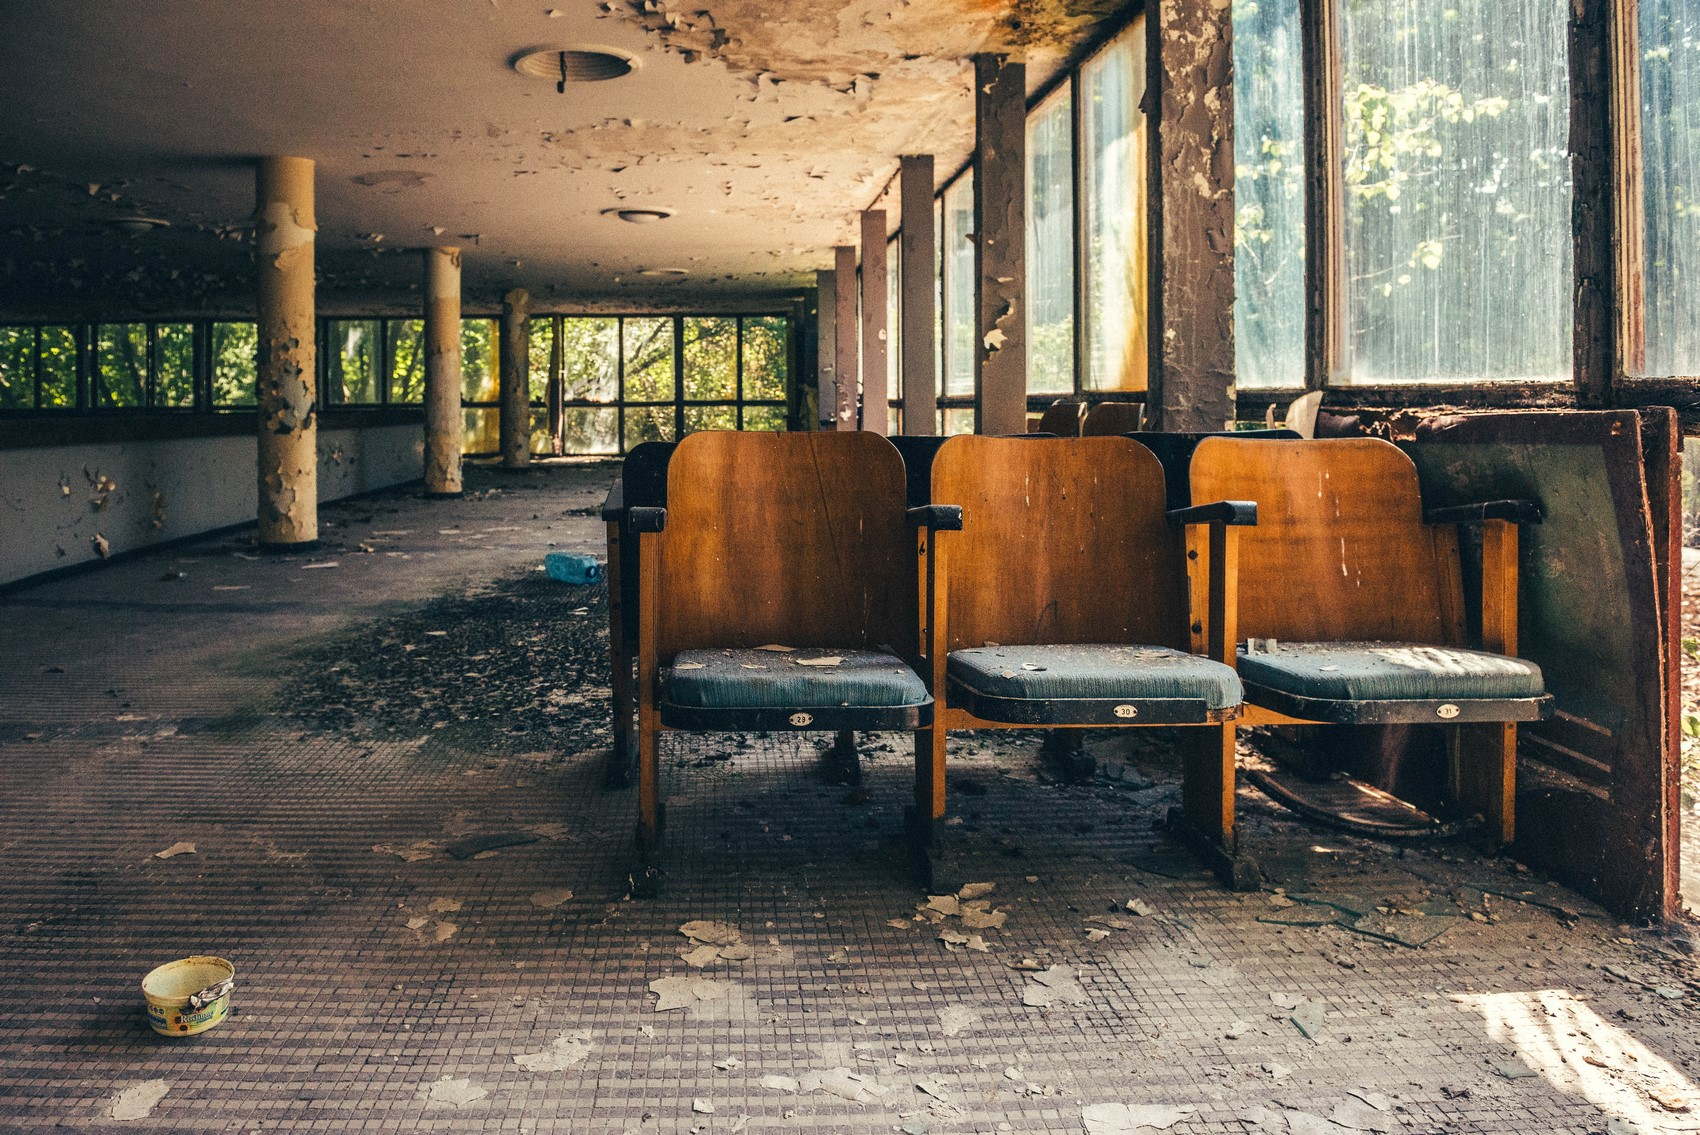 Opuszczony teatr gdzieś w helskich czeluściach